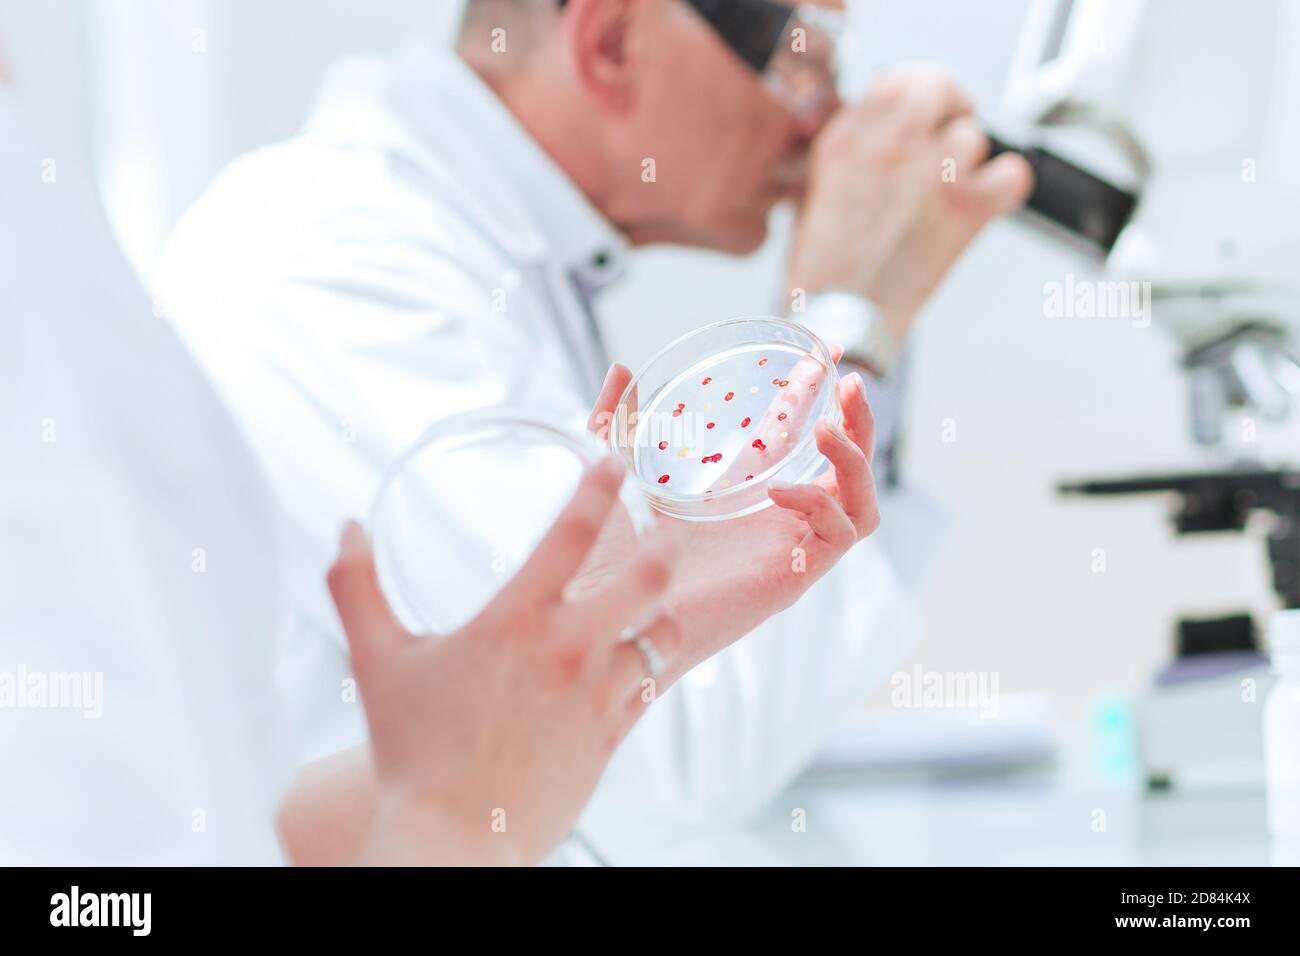 De cerca. Biólogos investigan bacterias en una placa de Petri. Foto de stock